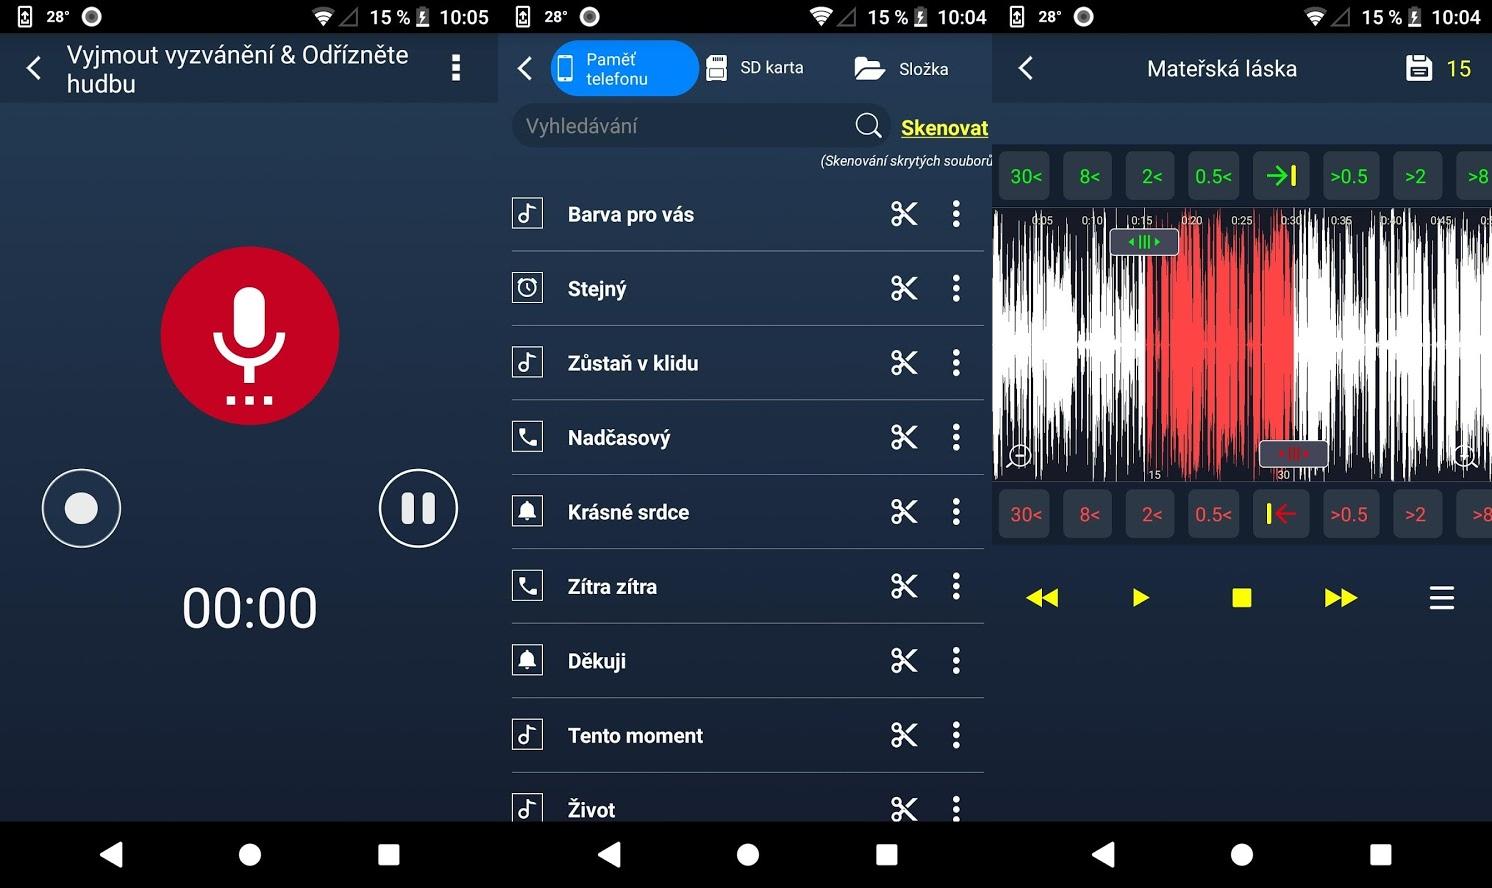 Aplikace pro úpravy a nastavení vyzváněcích tónů je jednoúčelovou, ale přesto komplexní